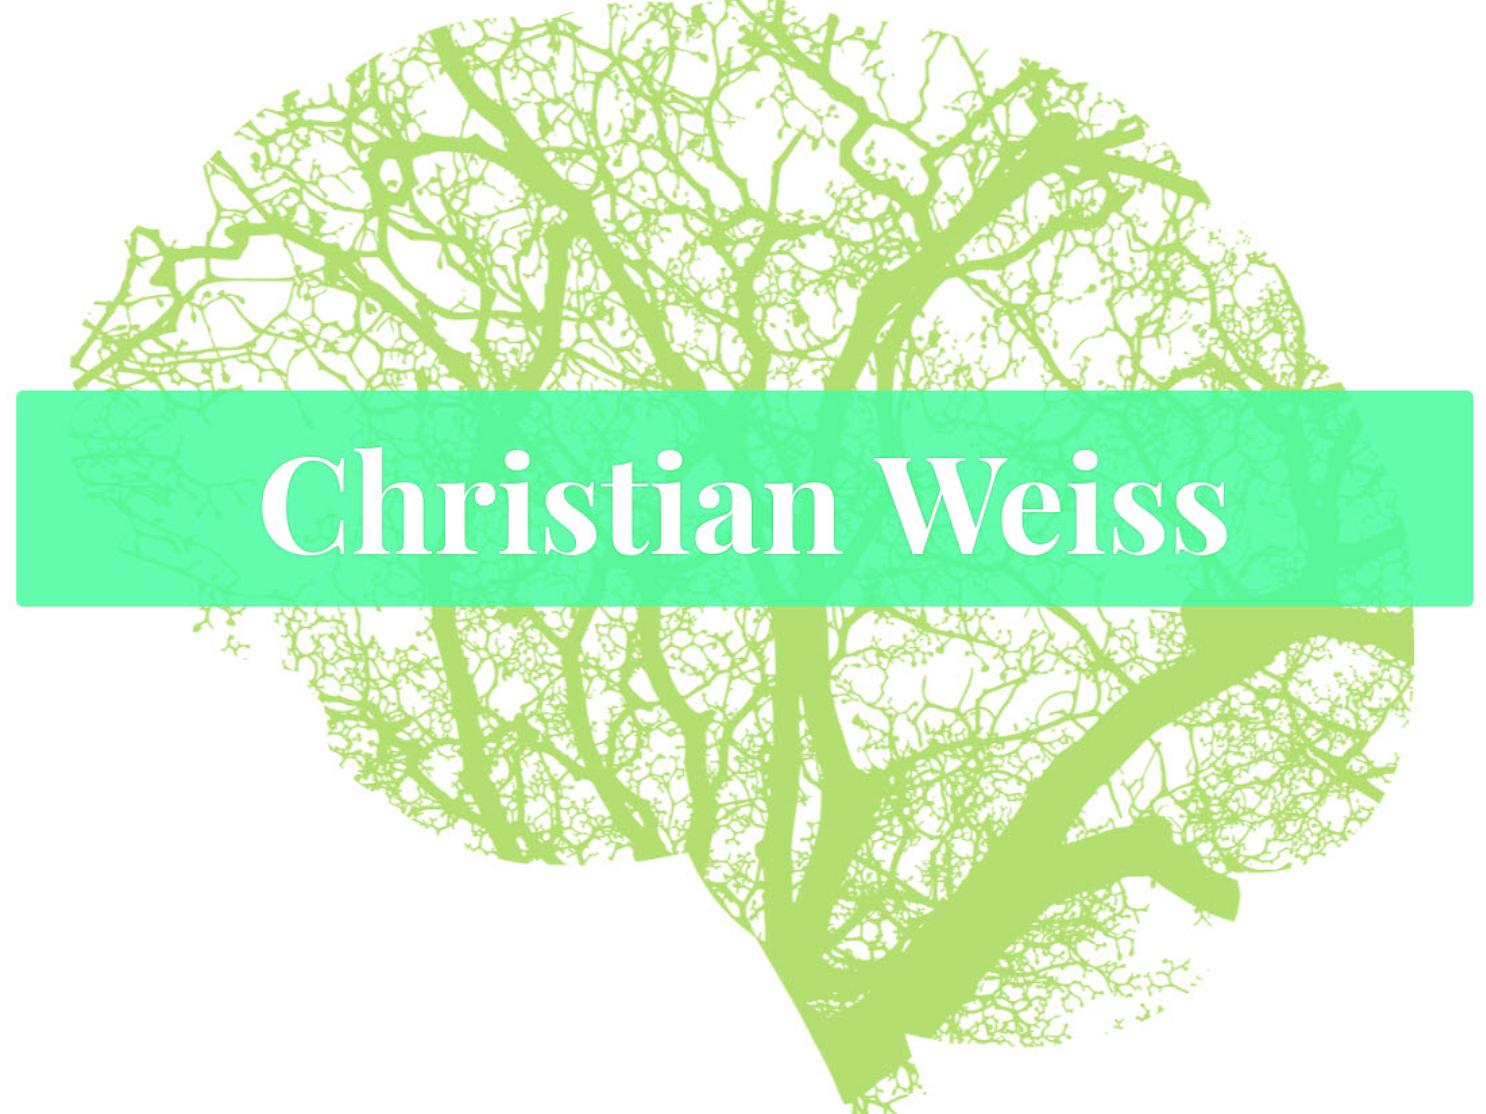 Weiss Christian